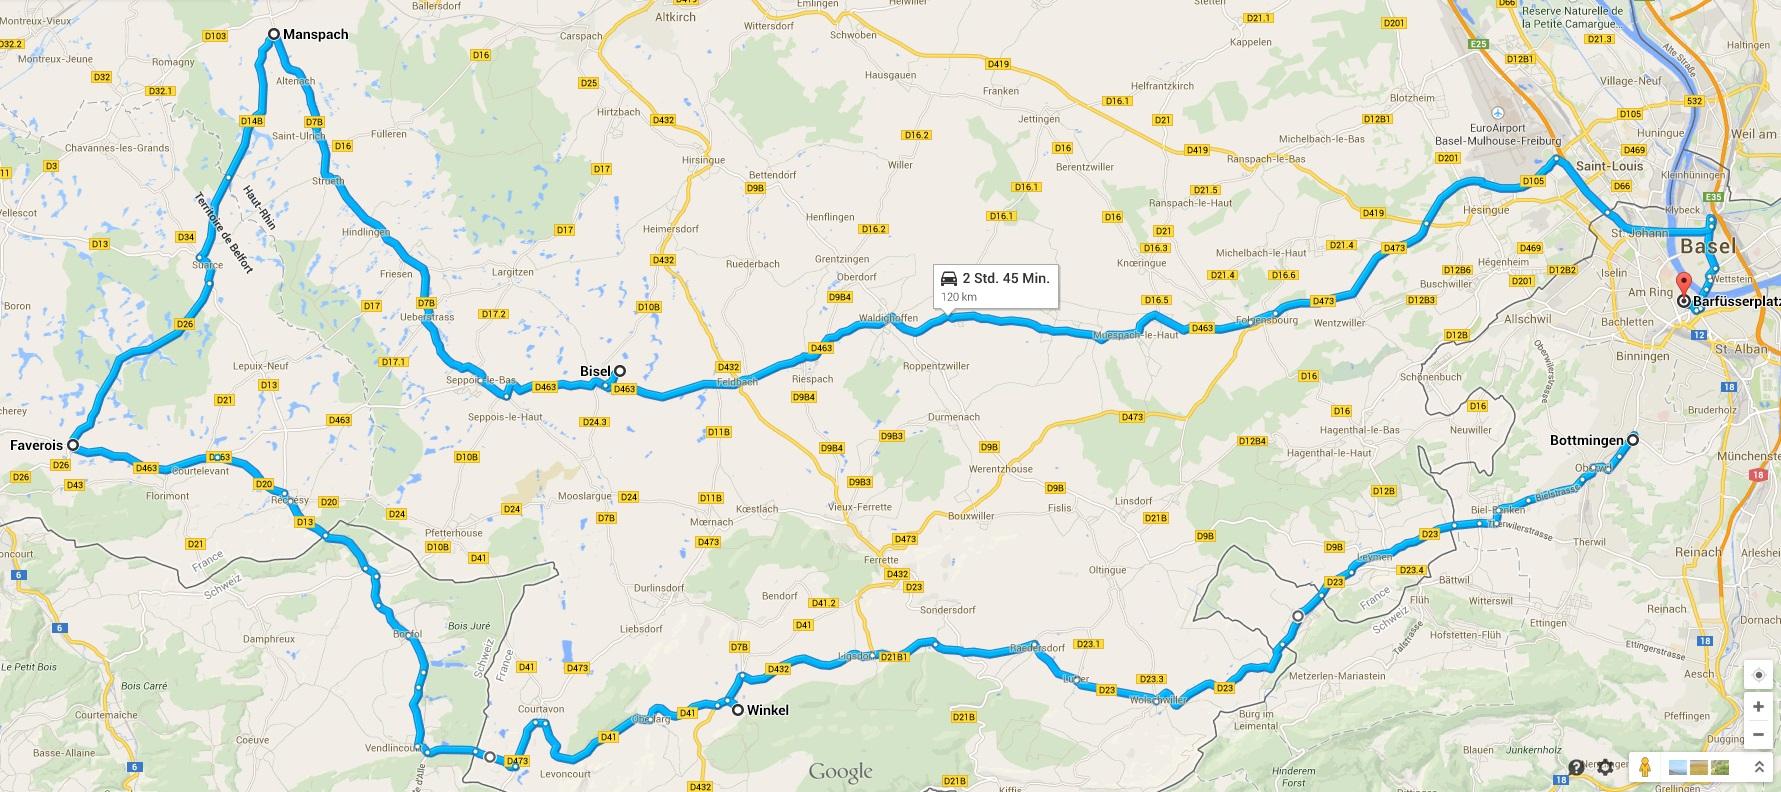 route2010_1jpg